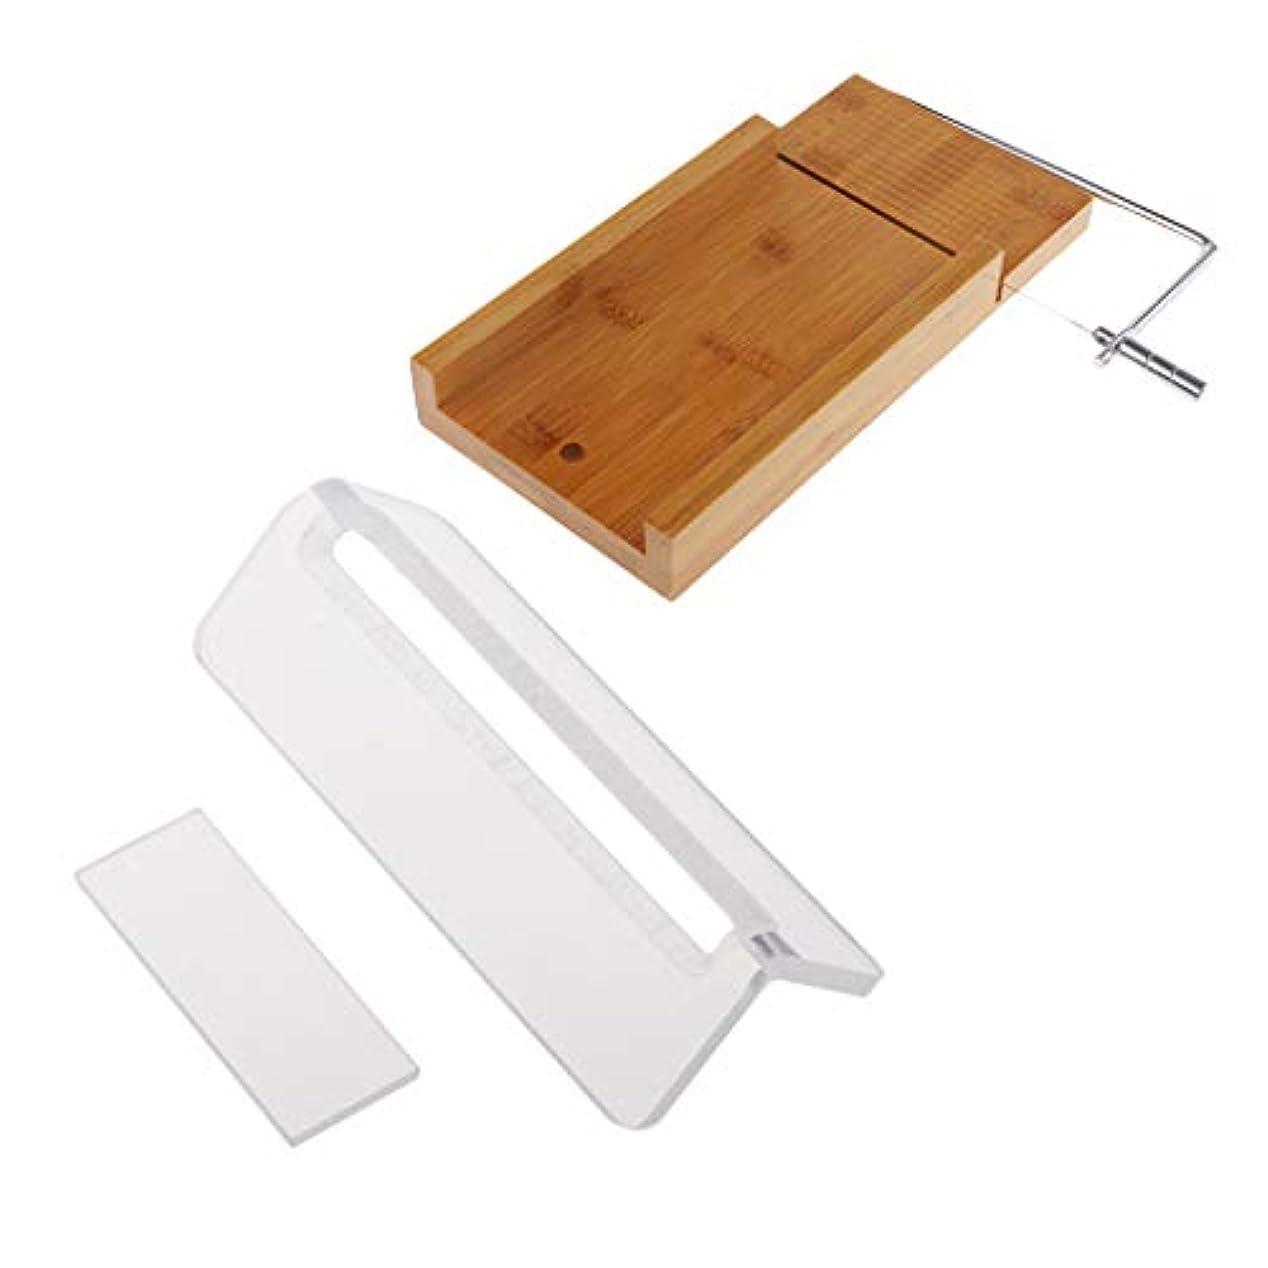 成功する純正鑑定ローフカッター 木製 ソープ包丁 石鹸カッター 手作り石鹸 DIY キッチン用品 2個入り